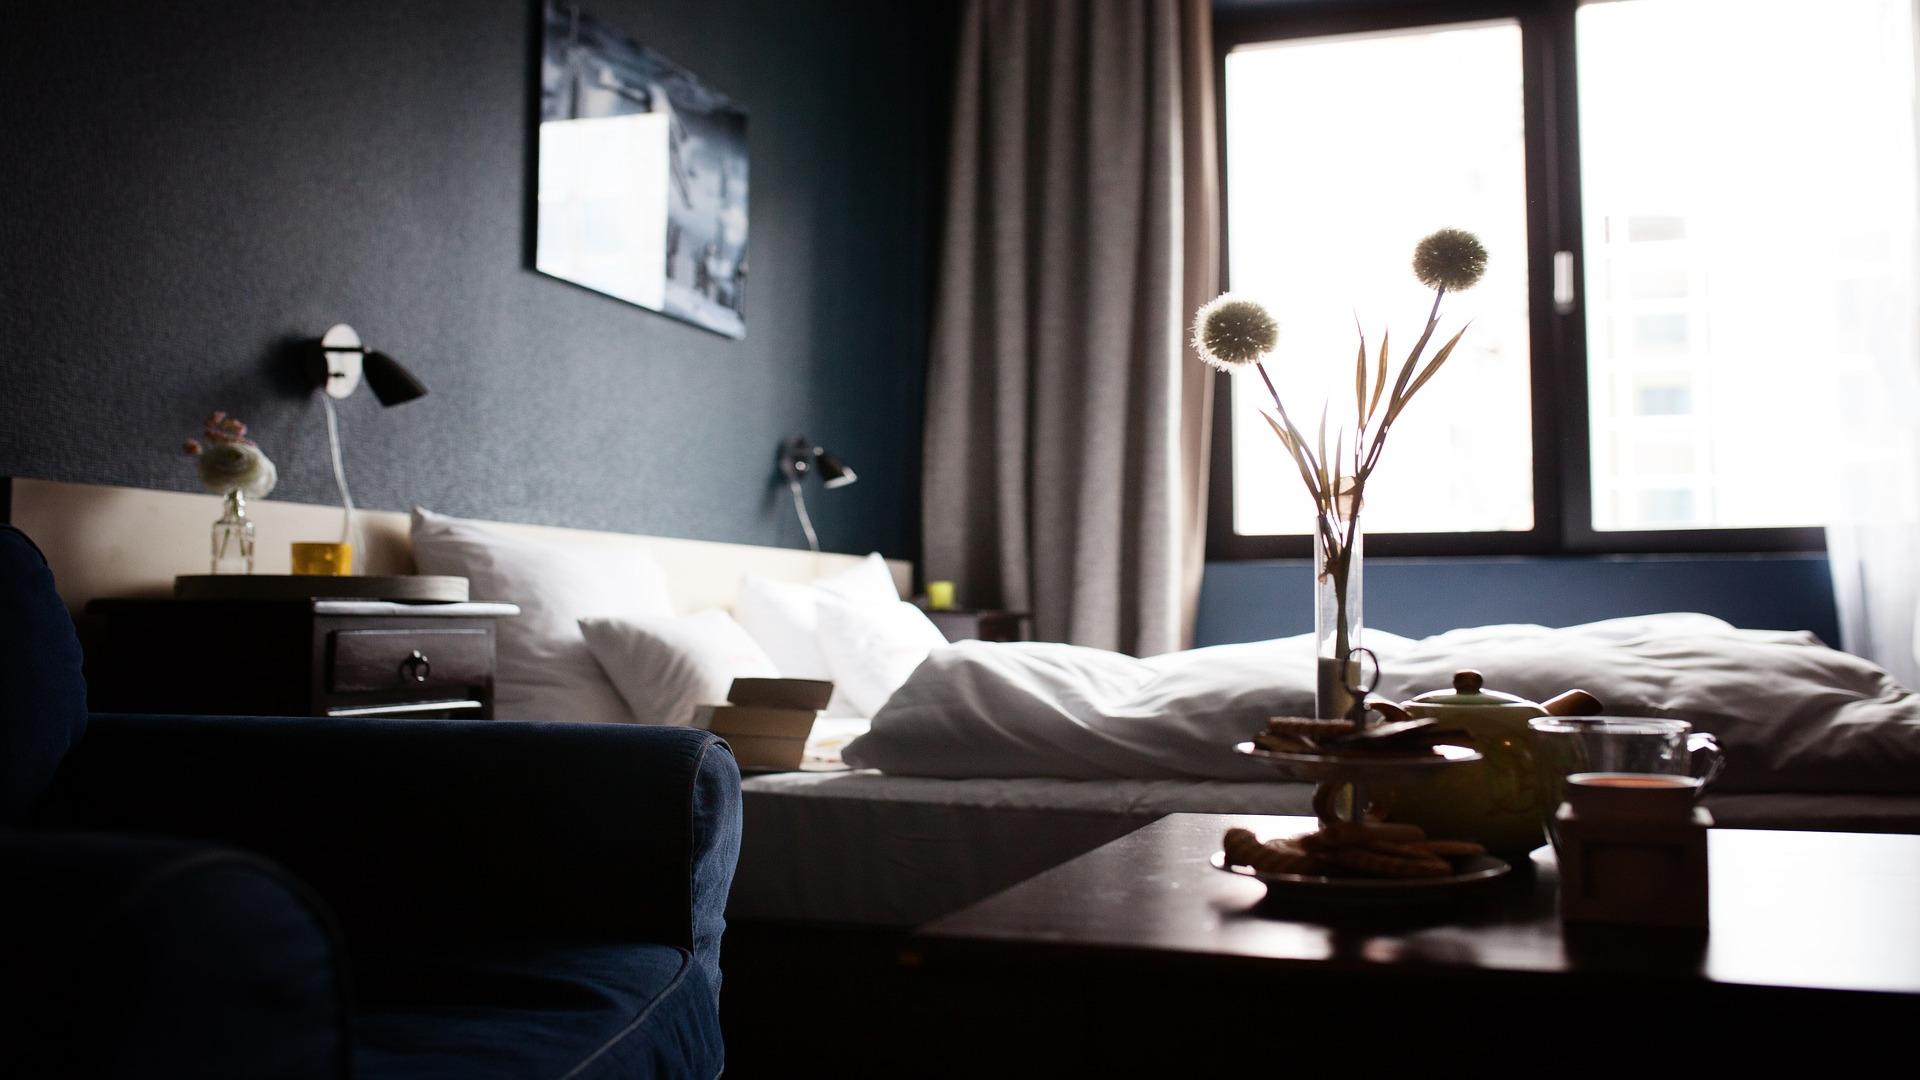 Consigue un dormitorio sorprendente gracias a los papeles pintados en blanco y negro 1920